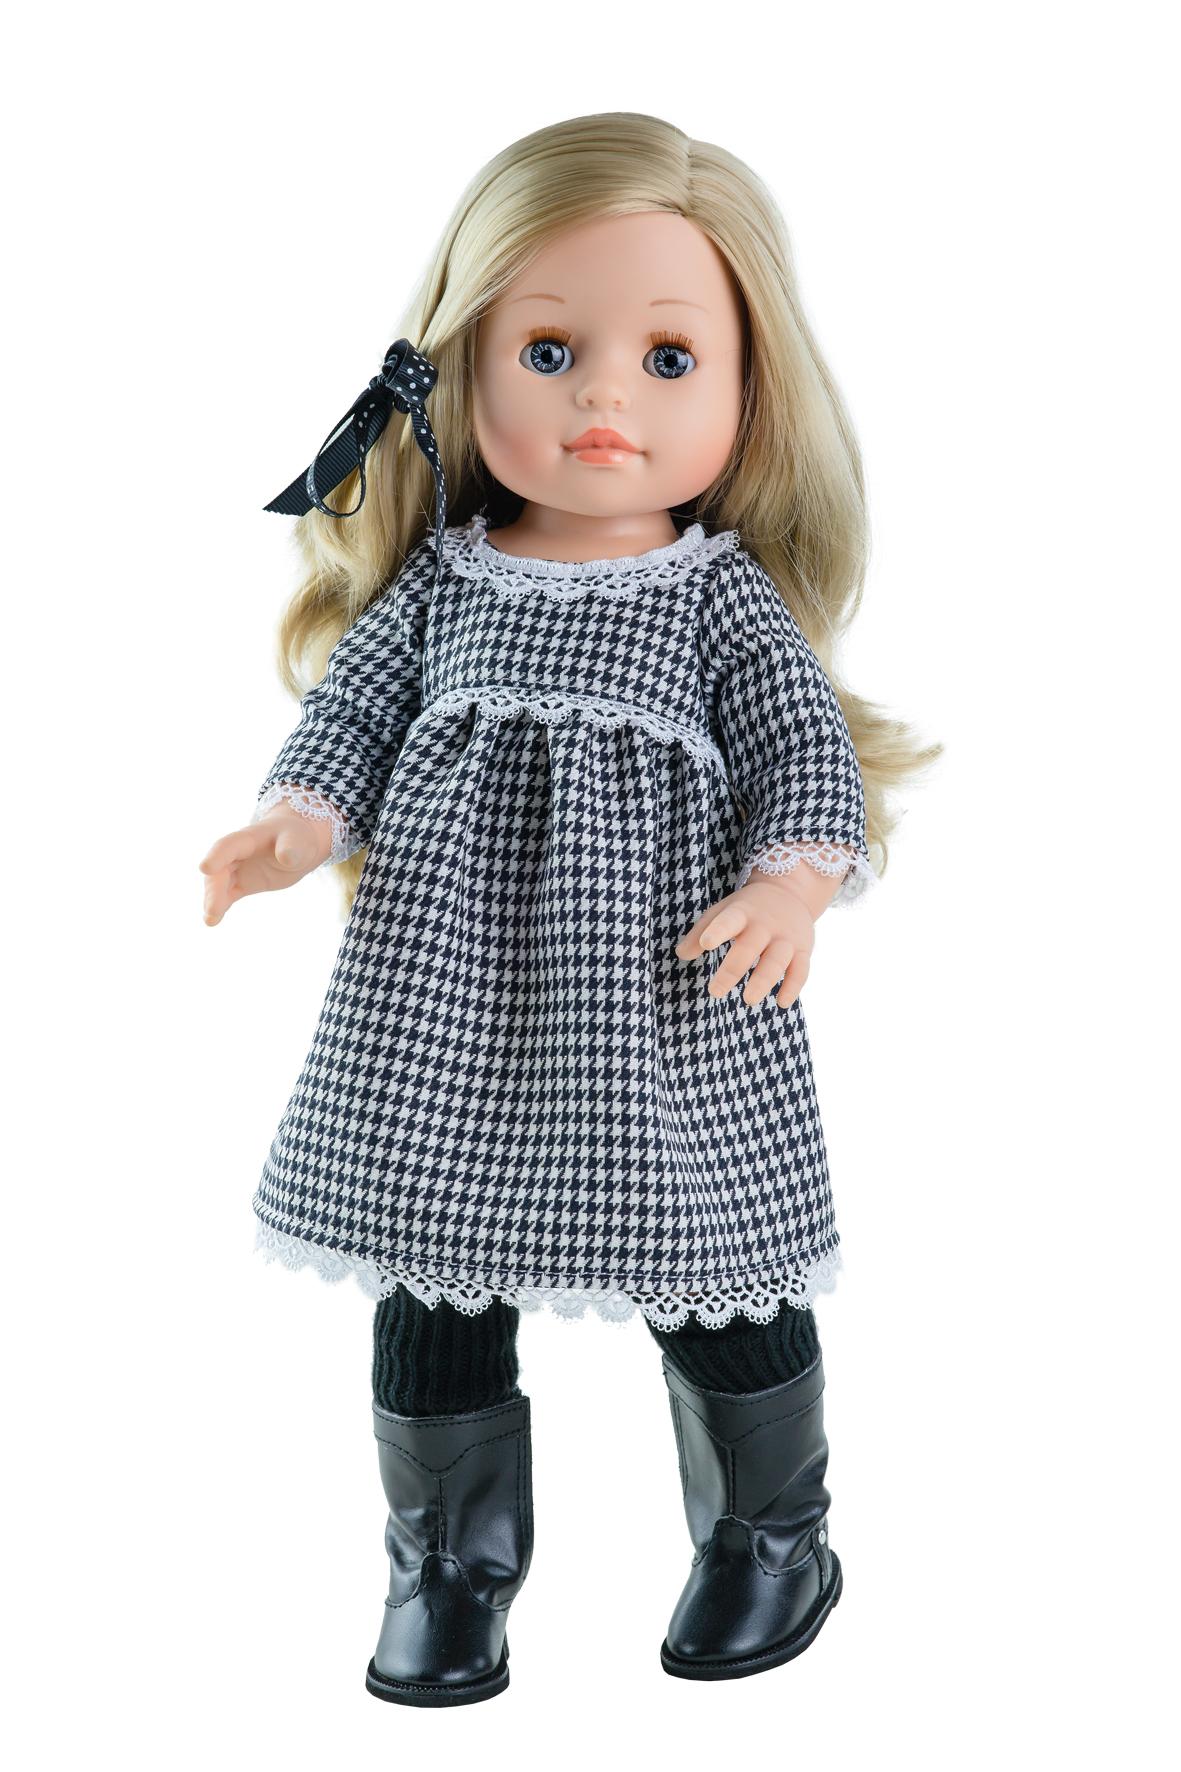 Realistická panenka Emma v černo-bílých šatech od f. Paola Reina